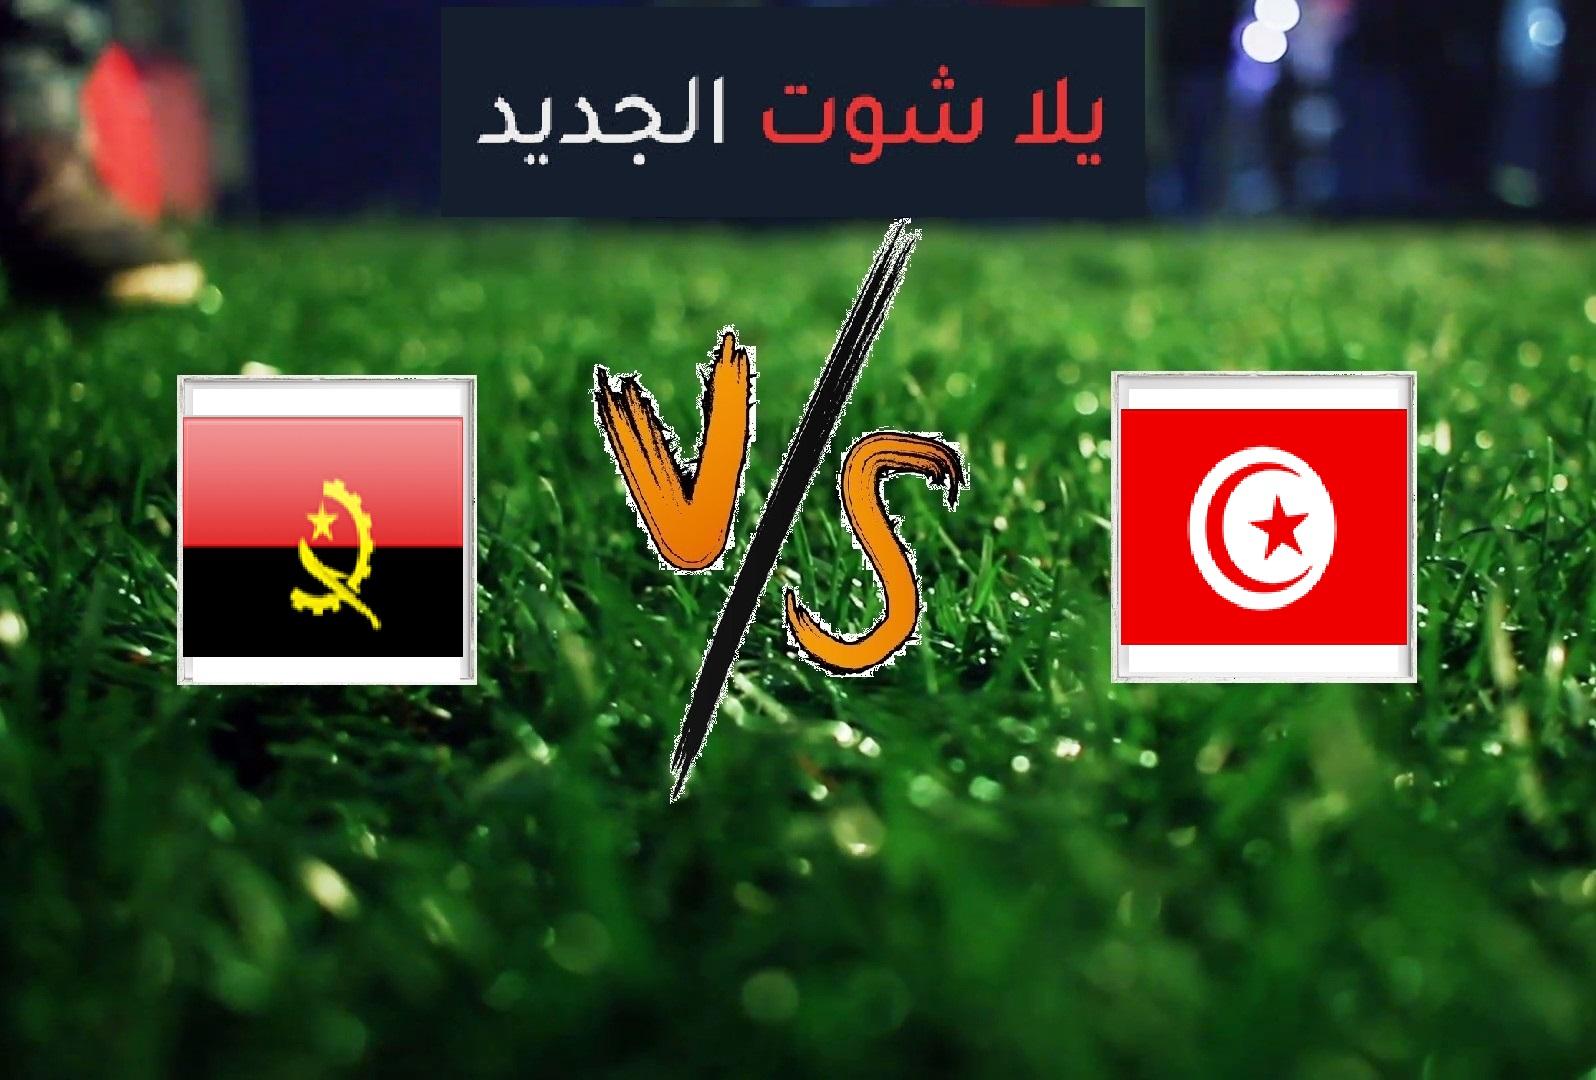 نتيجة مباراة تونس وانجولا اليوم الإثنين 24-06-2019 كأس الأمم الأفريقية